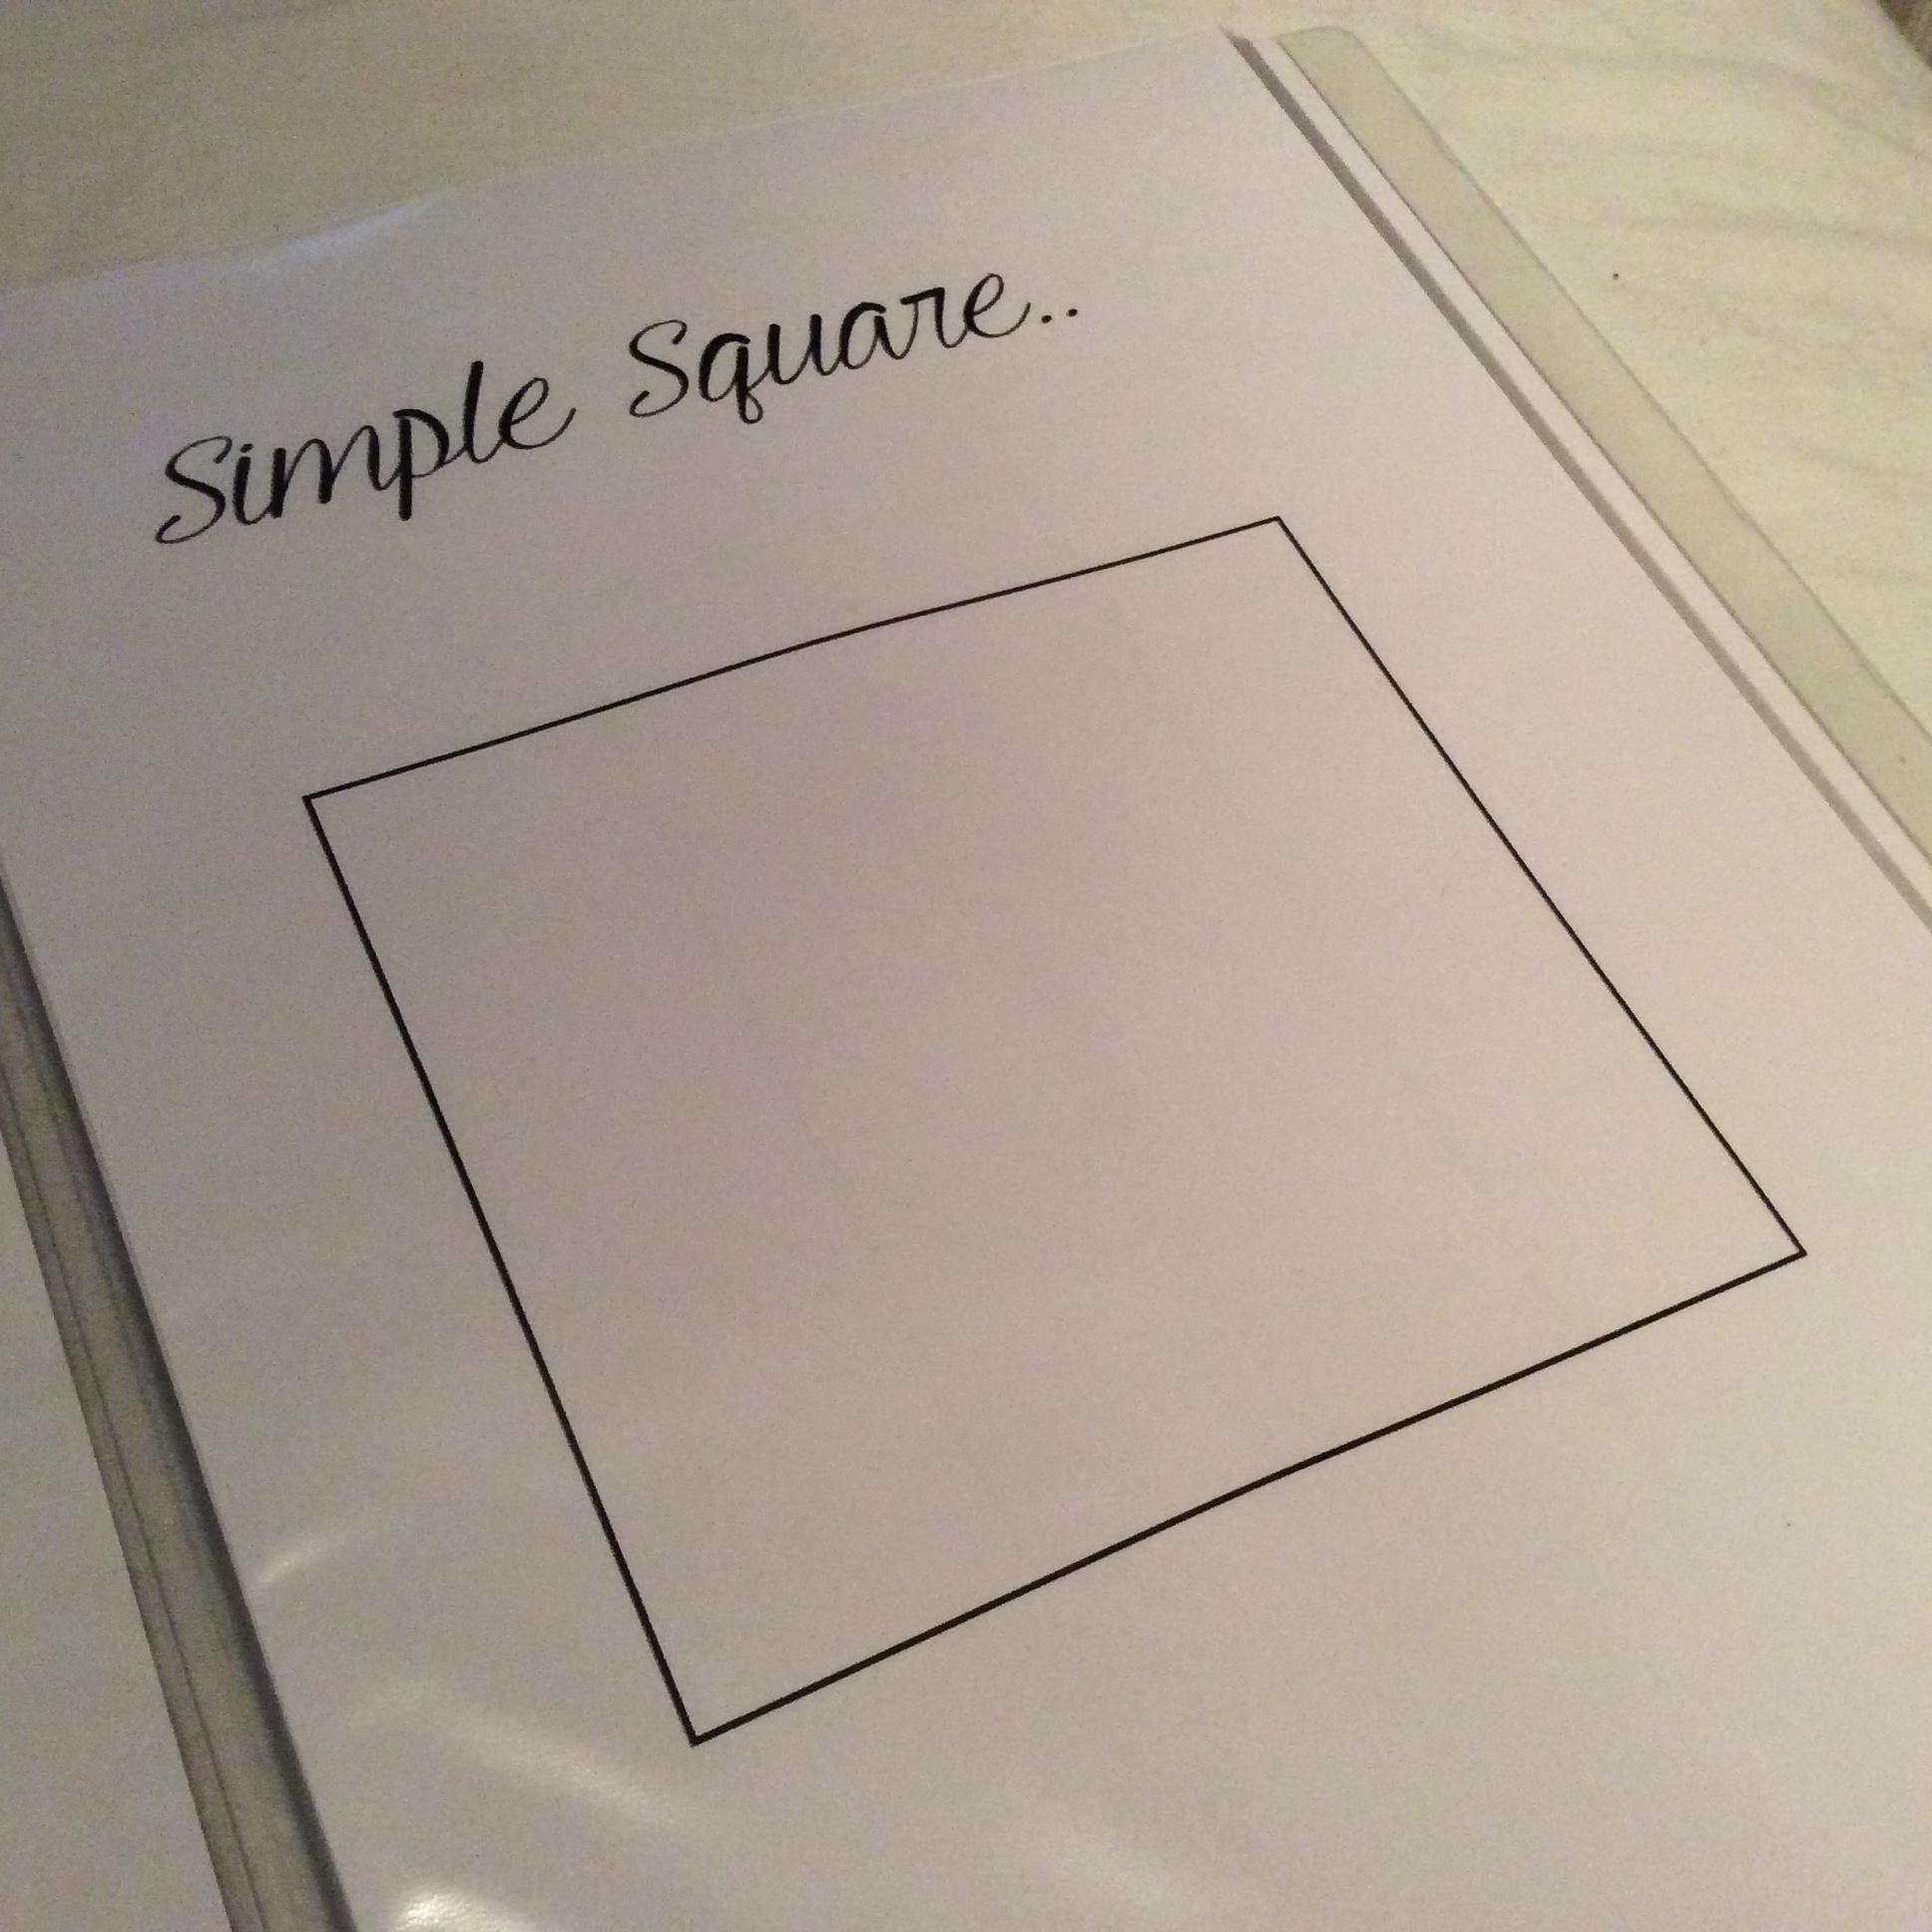 Simple Square